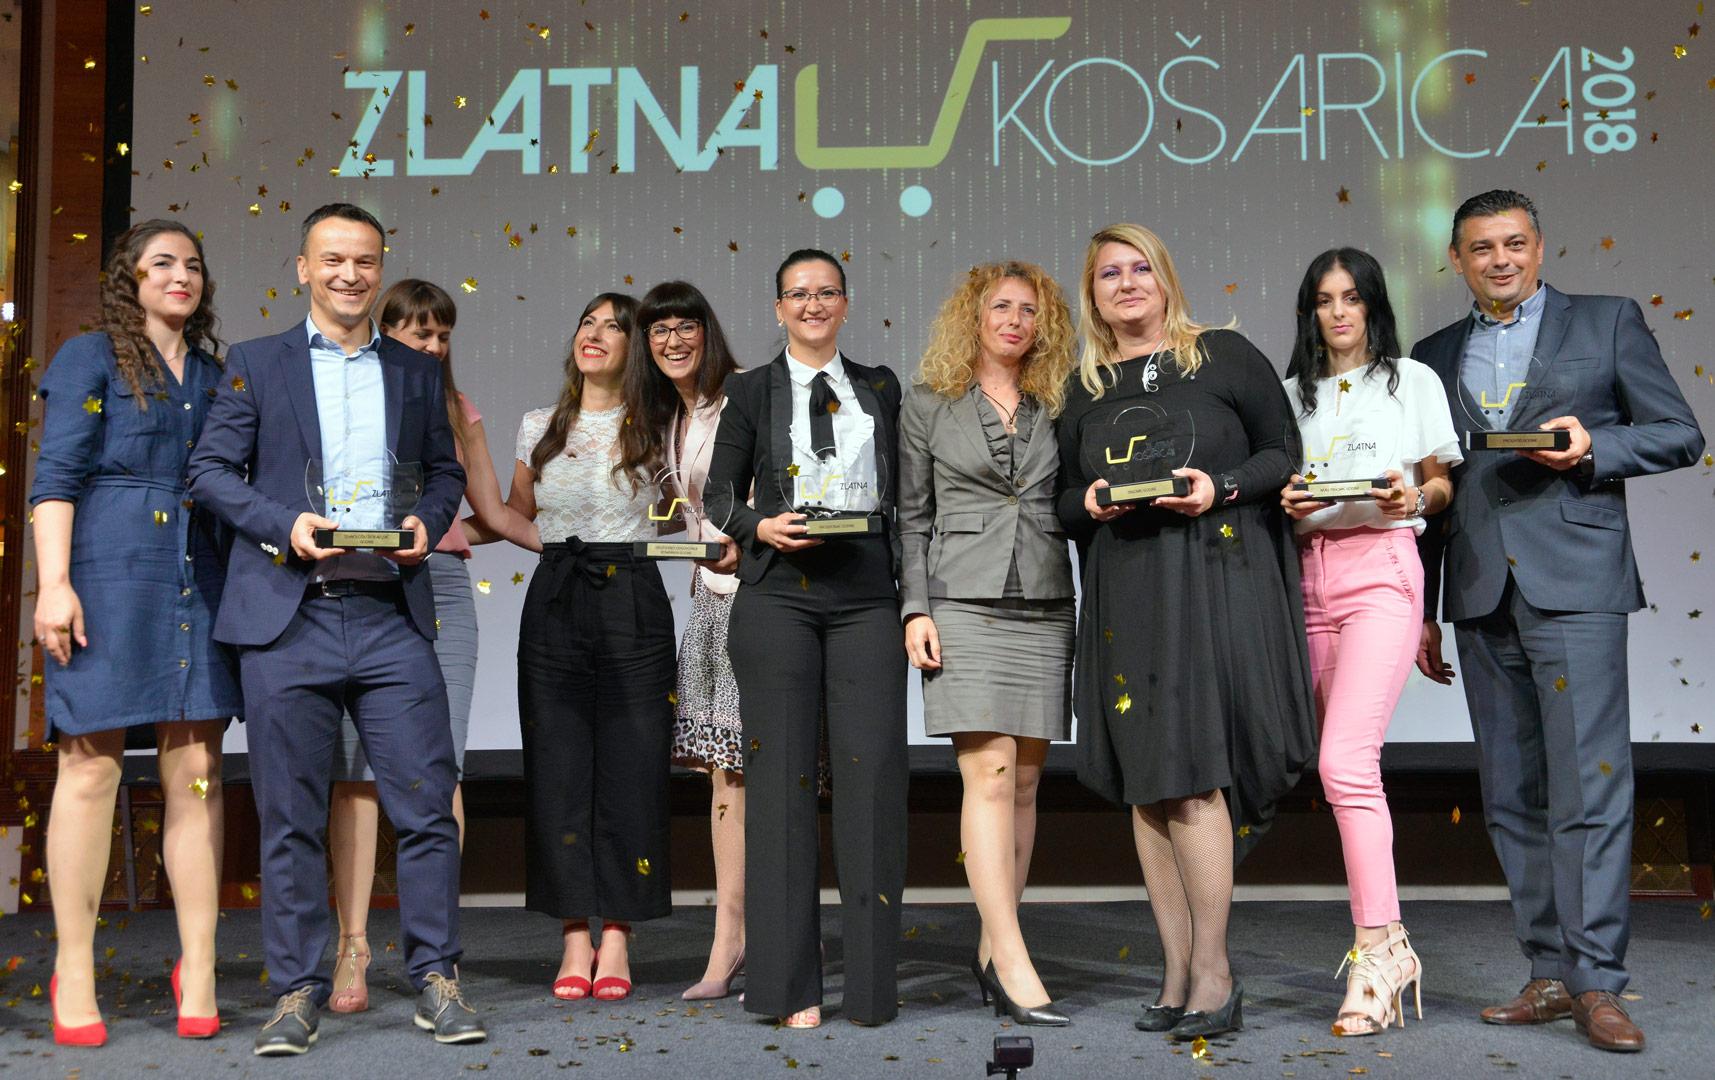 http://zlatnakosarica.com.hr/wp-content/uploads/2018/05/Pobjednici-Zlatna-košarica-2018.jpg